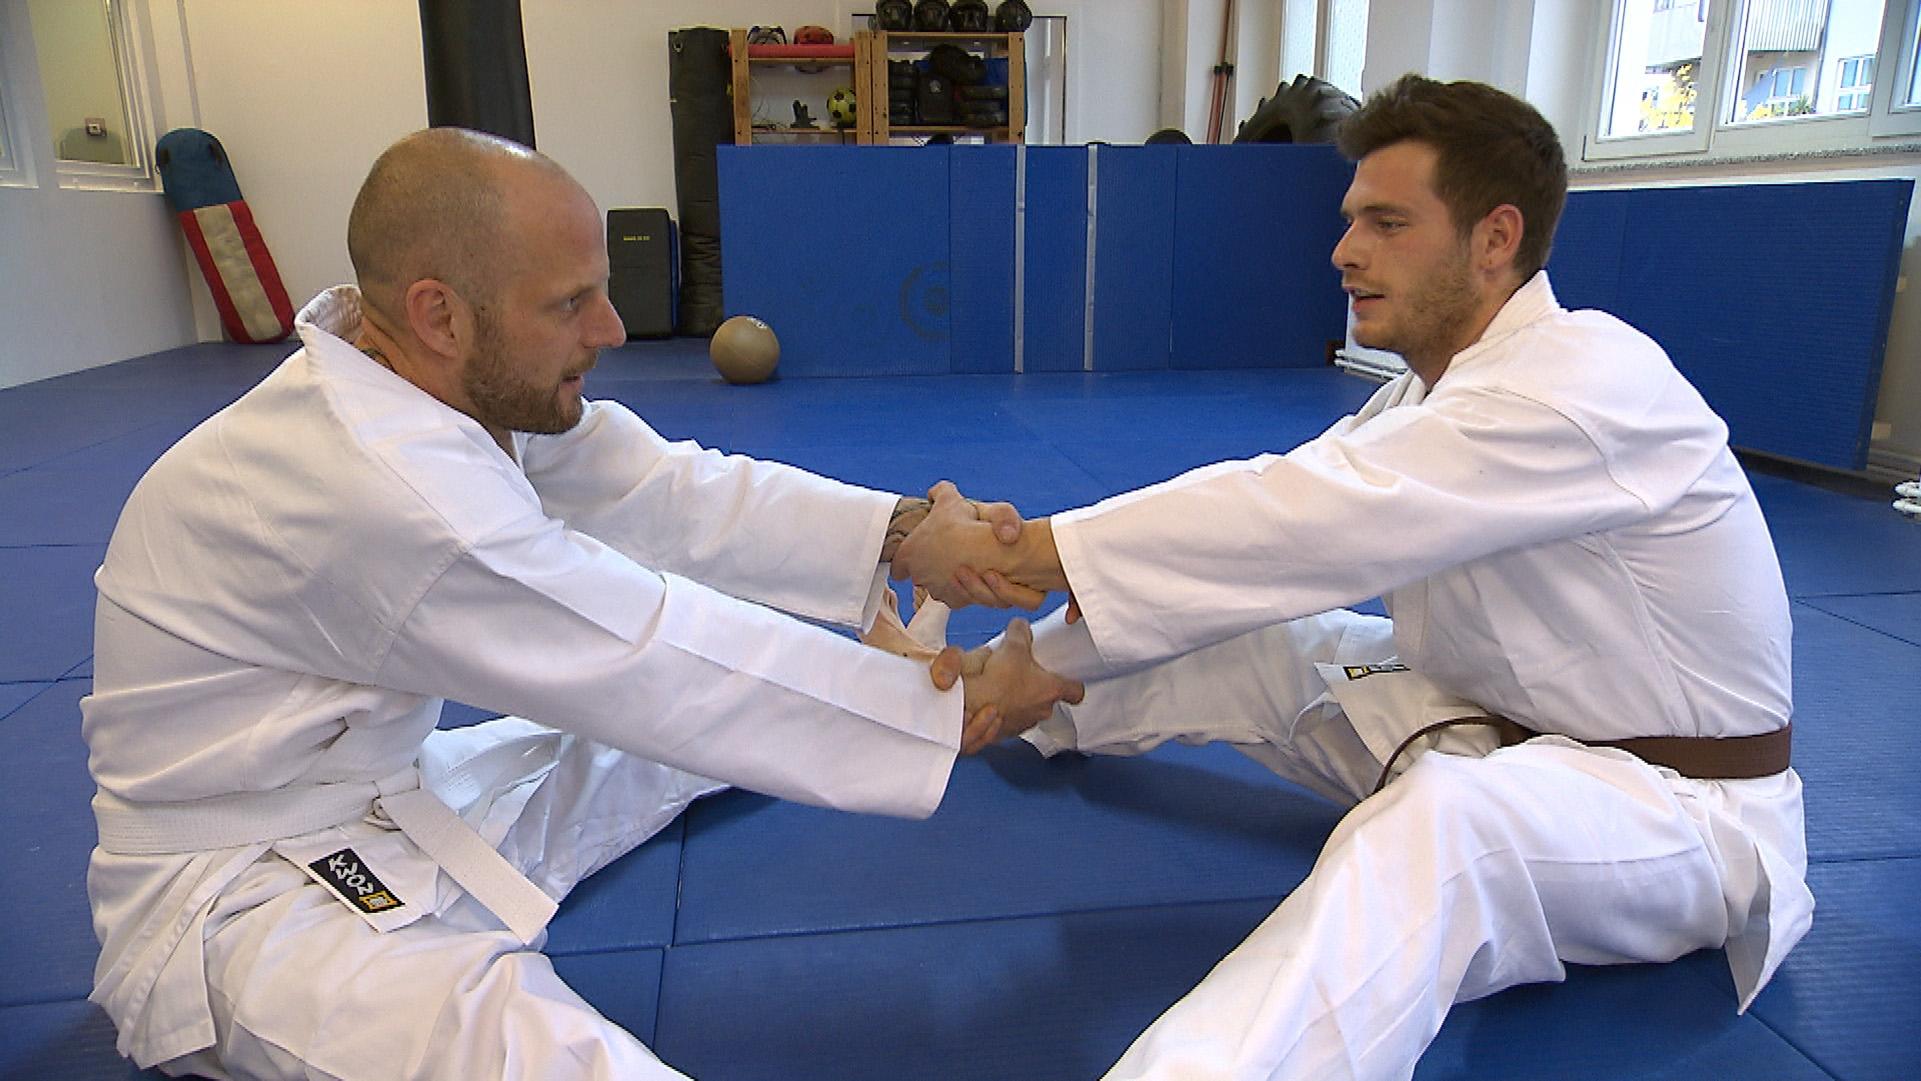 Daniel (re.) und sein Vater Axel (li.) beim Karate-Training (Quelle: RTL 2)